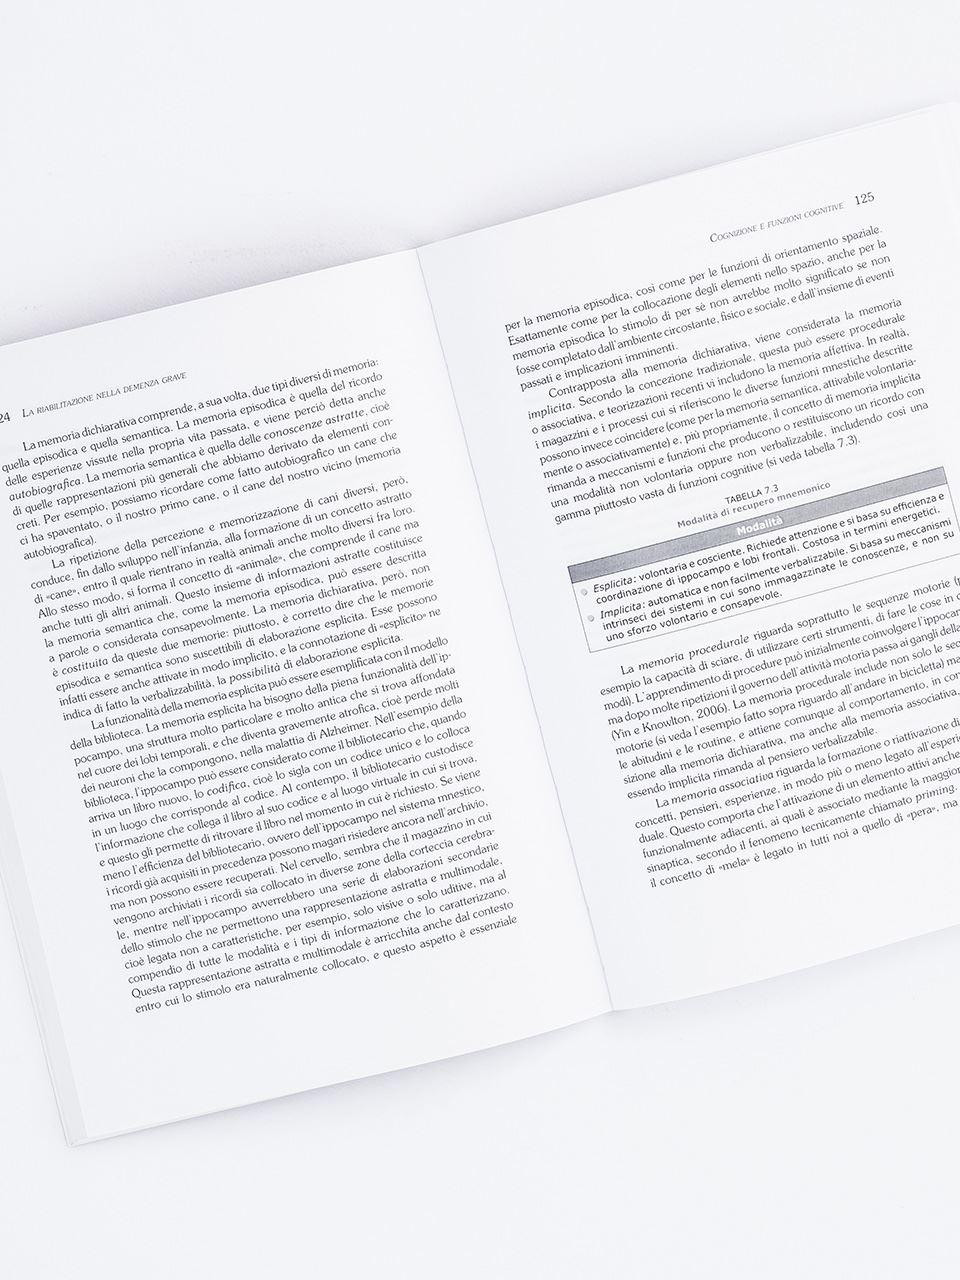 La riabilitazione nella demenza grave - Libri - Erickson 2